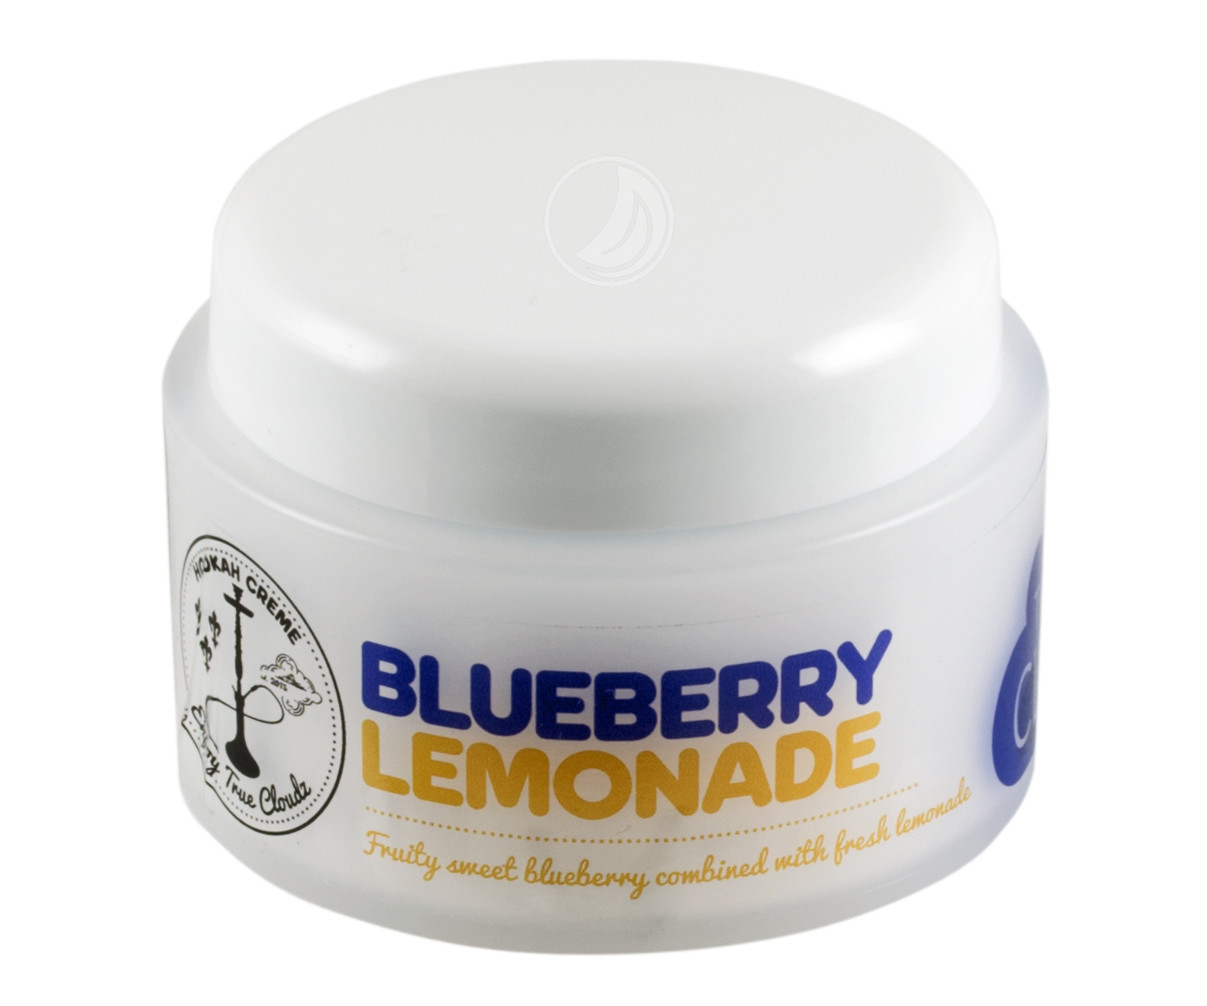 Крем True Cloudz ― Blueberry Lemonade (черничный лемонад), фото 1